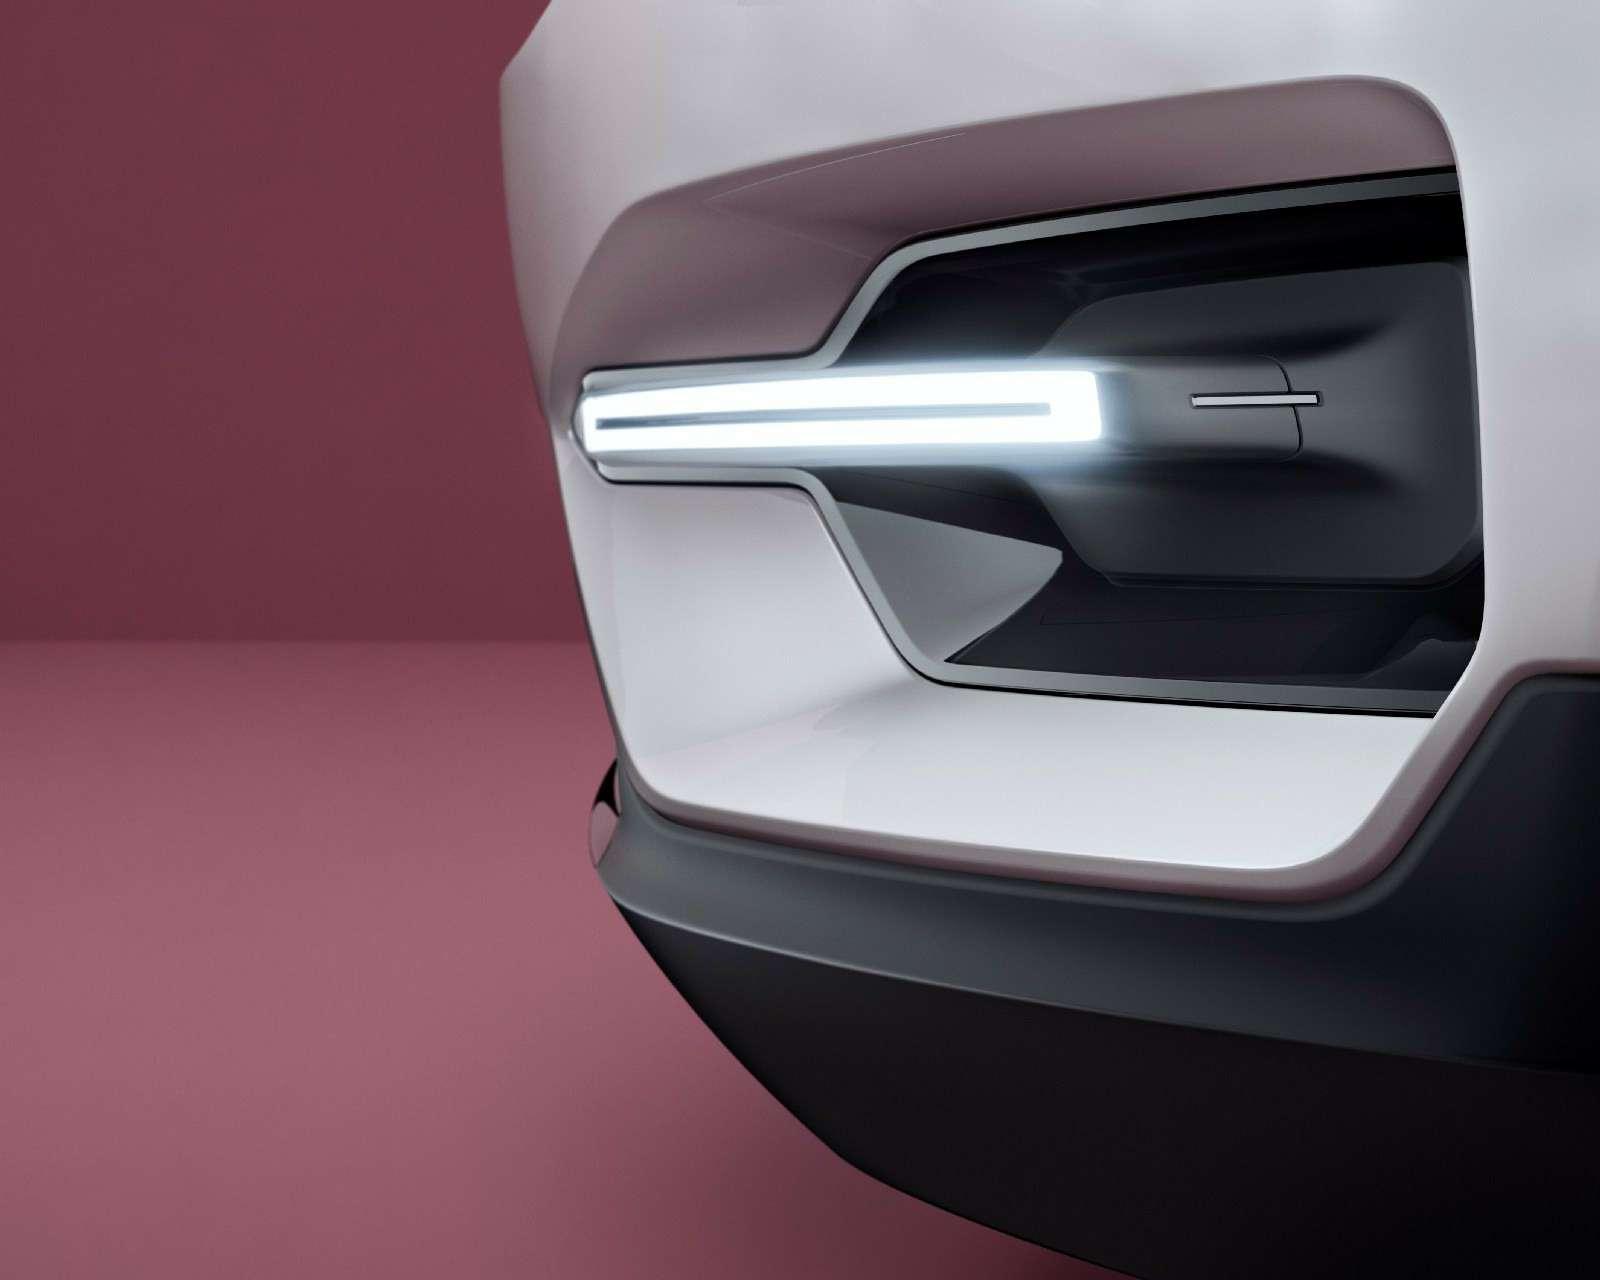 Двараза по40: Volvo анонсировала новое семейство концептуальным дублем— фото 588965